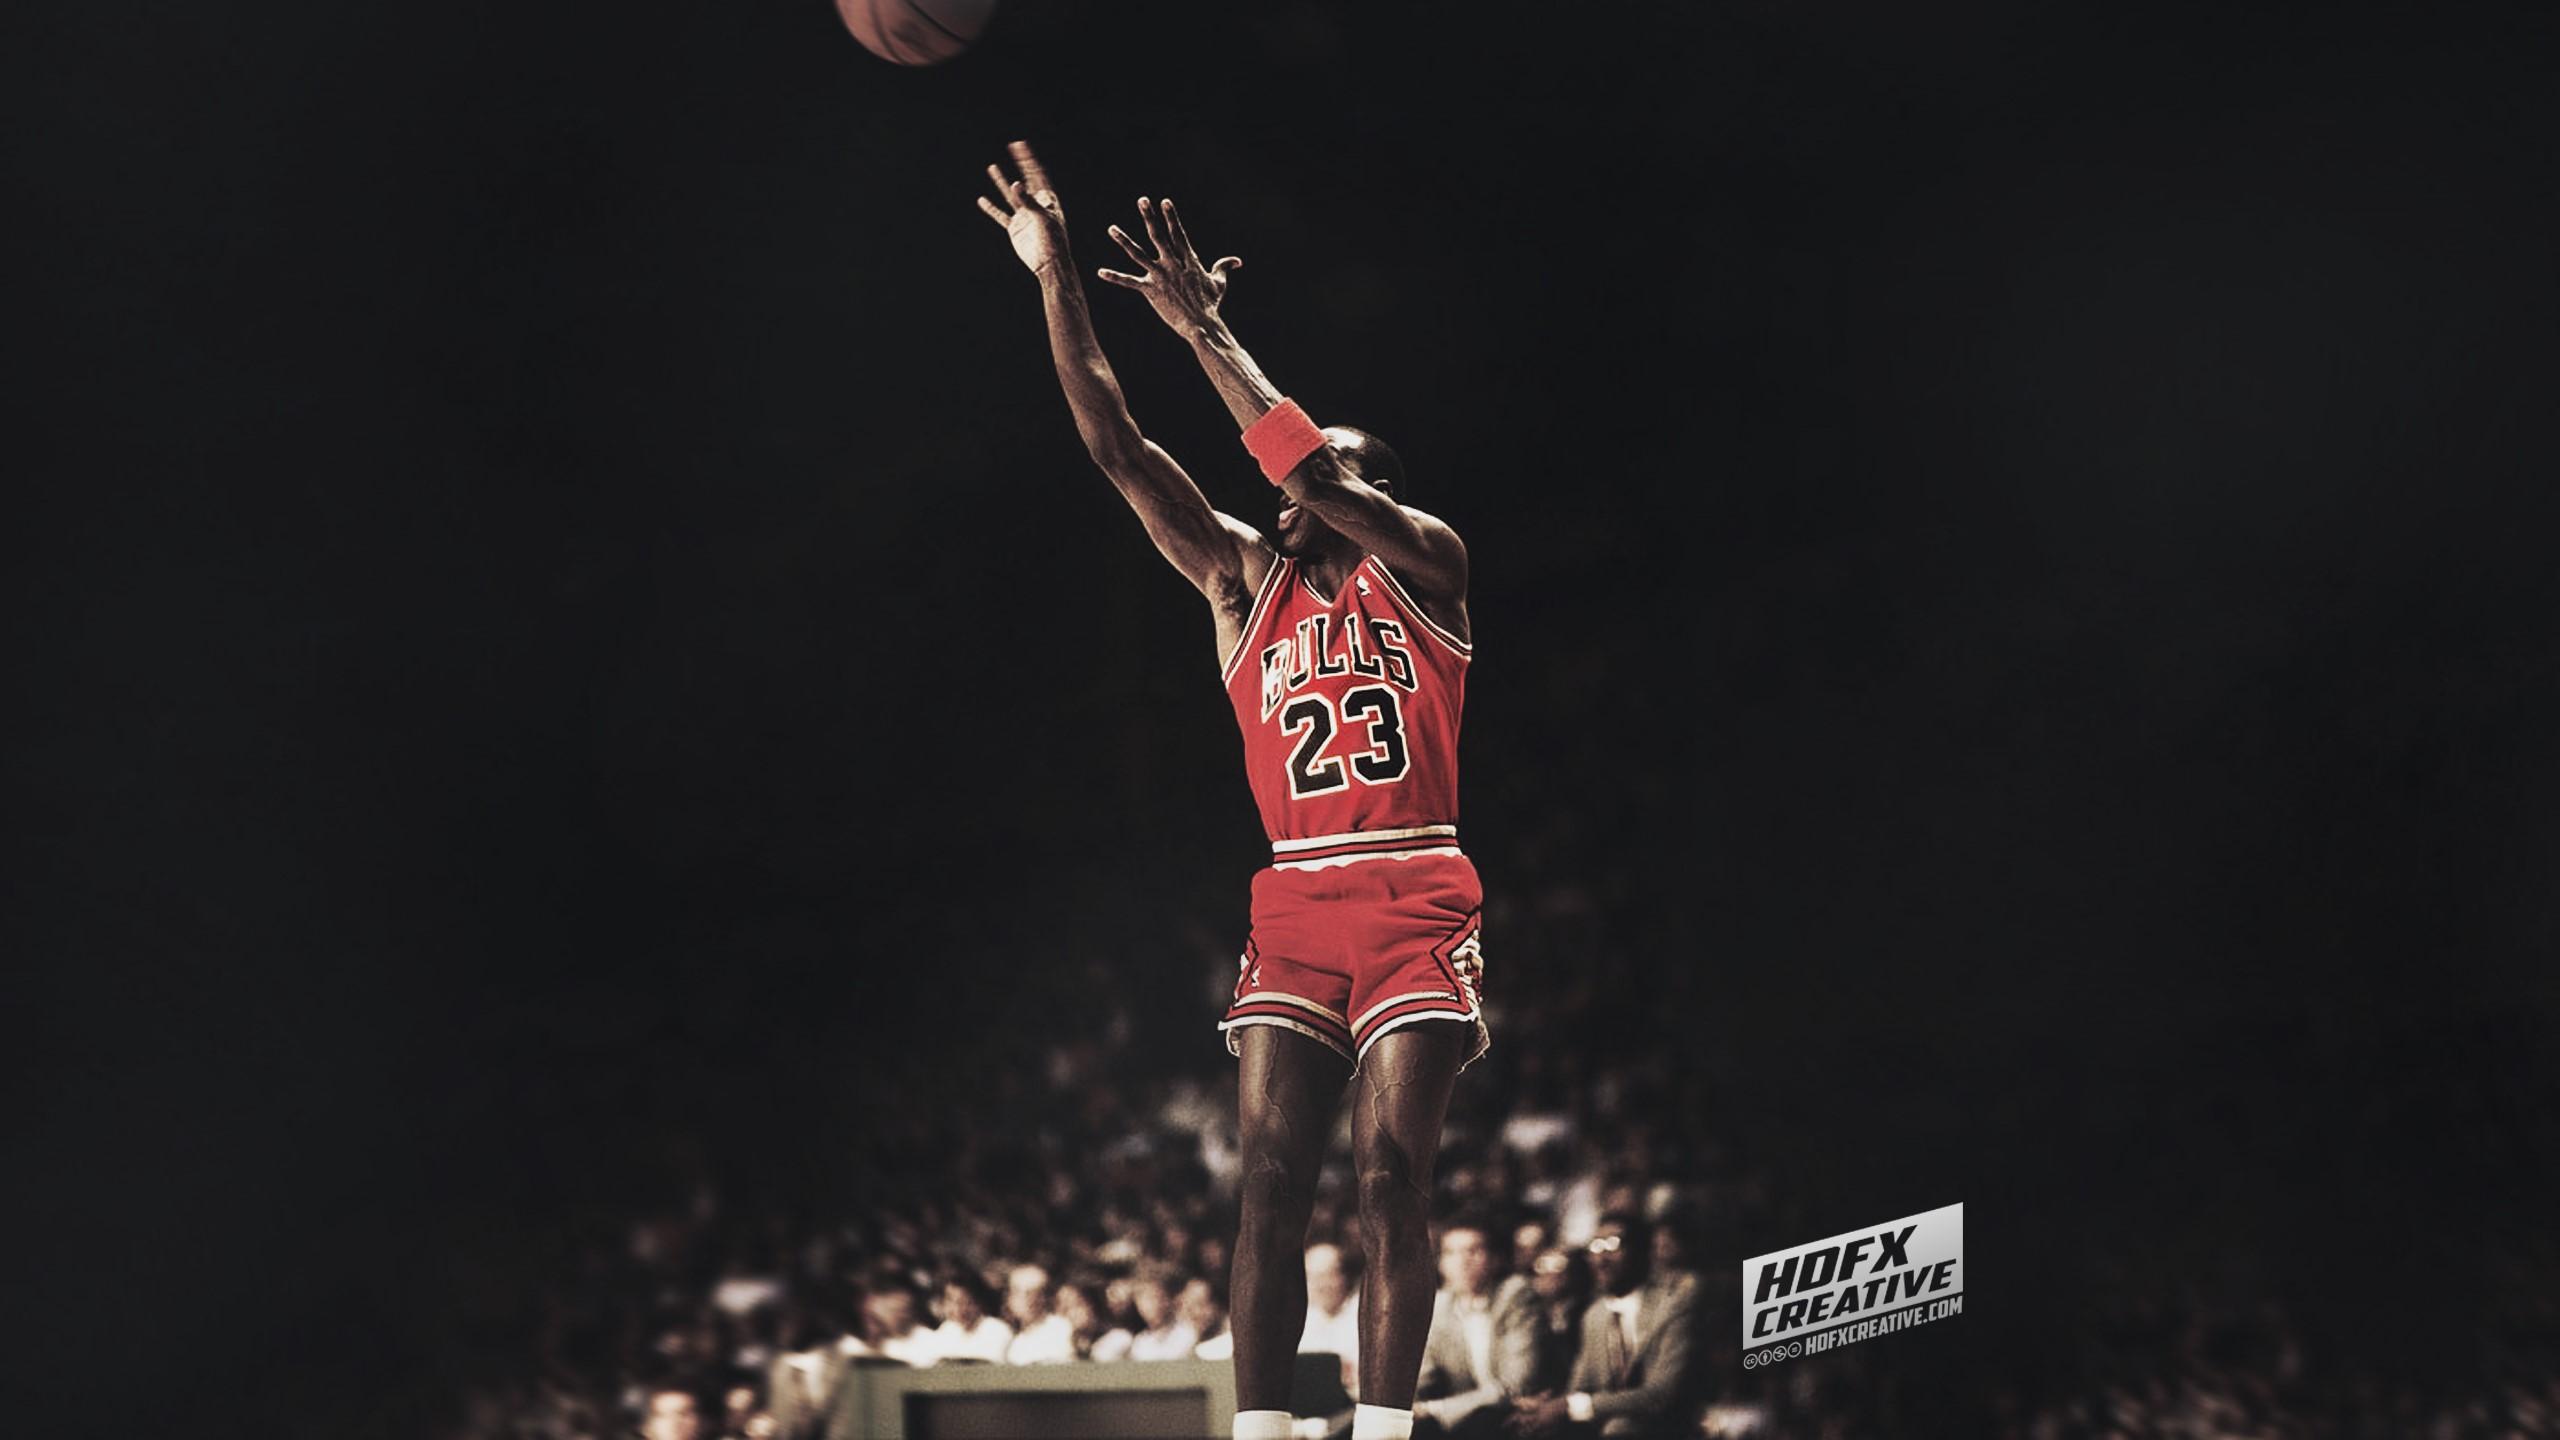 Michael Jordan Computer Wallpapers